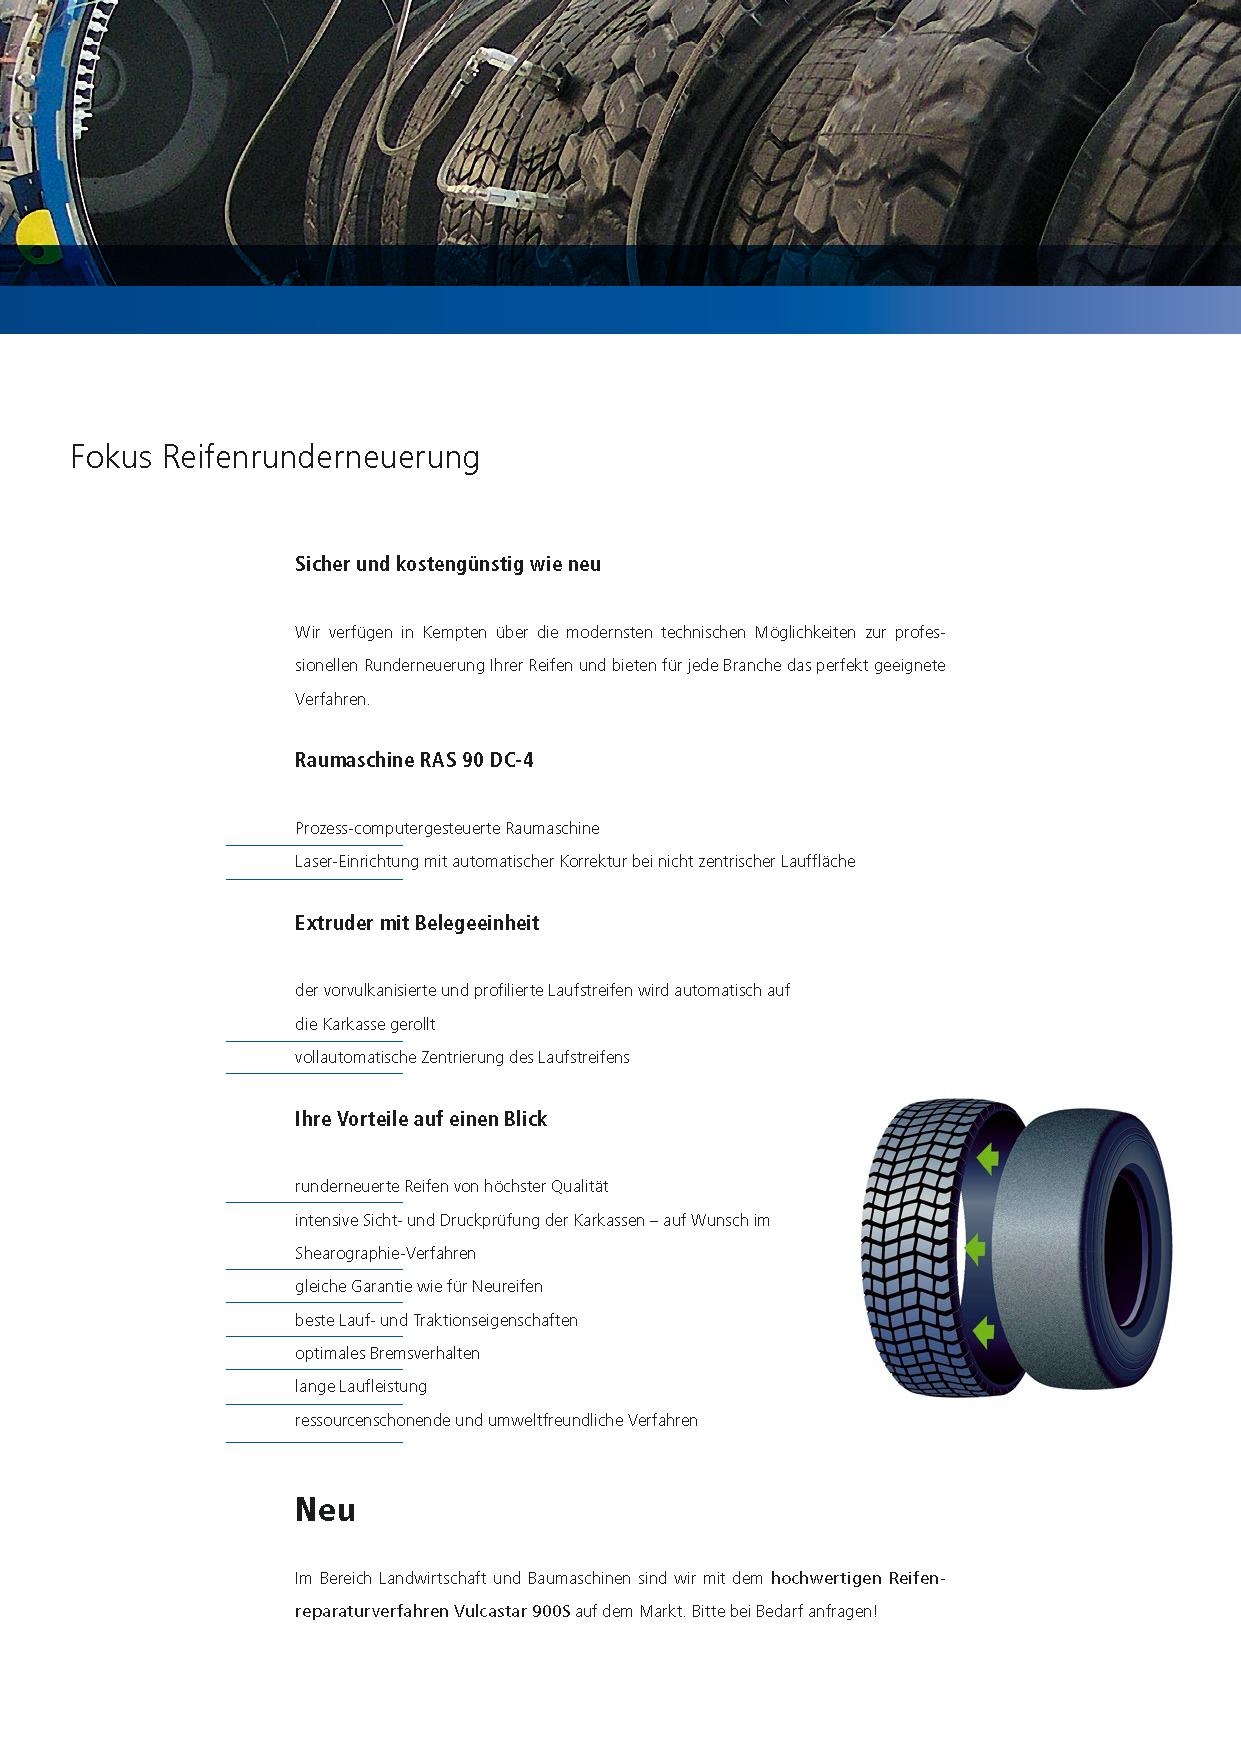 Reifen_Feneberg Imagebroschüre_Seite_12